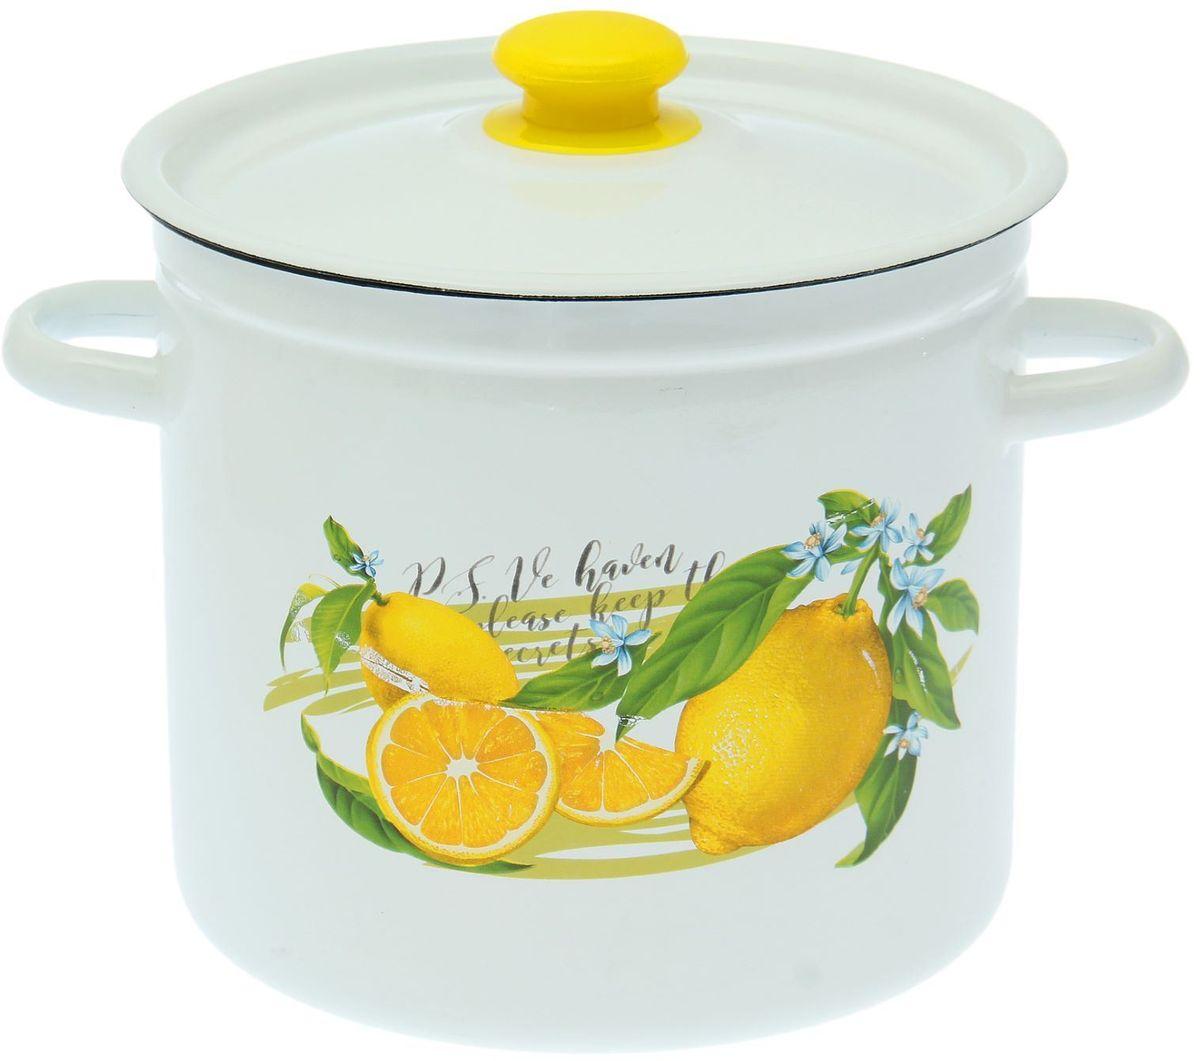 Кастрюля Epos Лимон, 7 л1721271Эмалированная кастрюля пригодится вам для быстрого приготовления разных типов блюд. Такая посуда подходит для домашнего и профессионального использования.Кастрюля цилиндрическая — помощь на кухне на долгие годы.Достоинства:посуда быстро и равномерно нагревается;корпус стоек к ржавчине;изделие легко отмывается в посудомоечной машине.Благодаря приятным цветам кастрюля удачно впишется в любой дизайн интерьера. Наилучшее качество покрытия достигается за счёт того, что посуда проходит обжиг при температуре до 800 градусов.Чтобы предмет сохранял наилучшие эксплуатационные свойства, соблюдайте правила ухода:избегайте ударов и падений;не пользуйтесь высокоабразивными чистящими средствами;не допускайте резких перепадов температуры.Посуда подходит для долговременного хранения пищи.